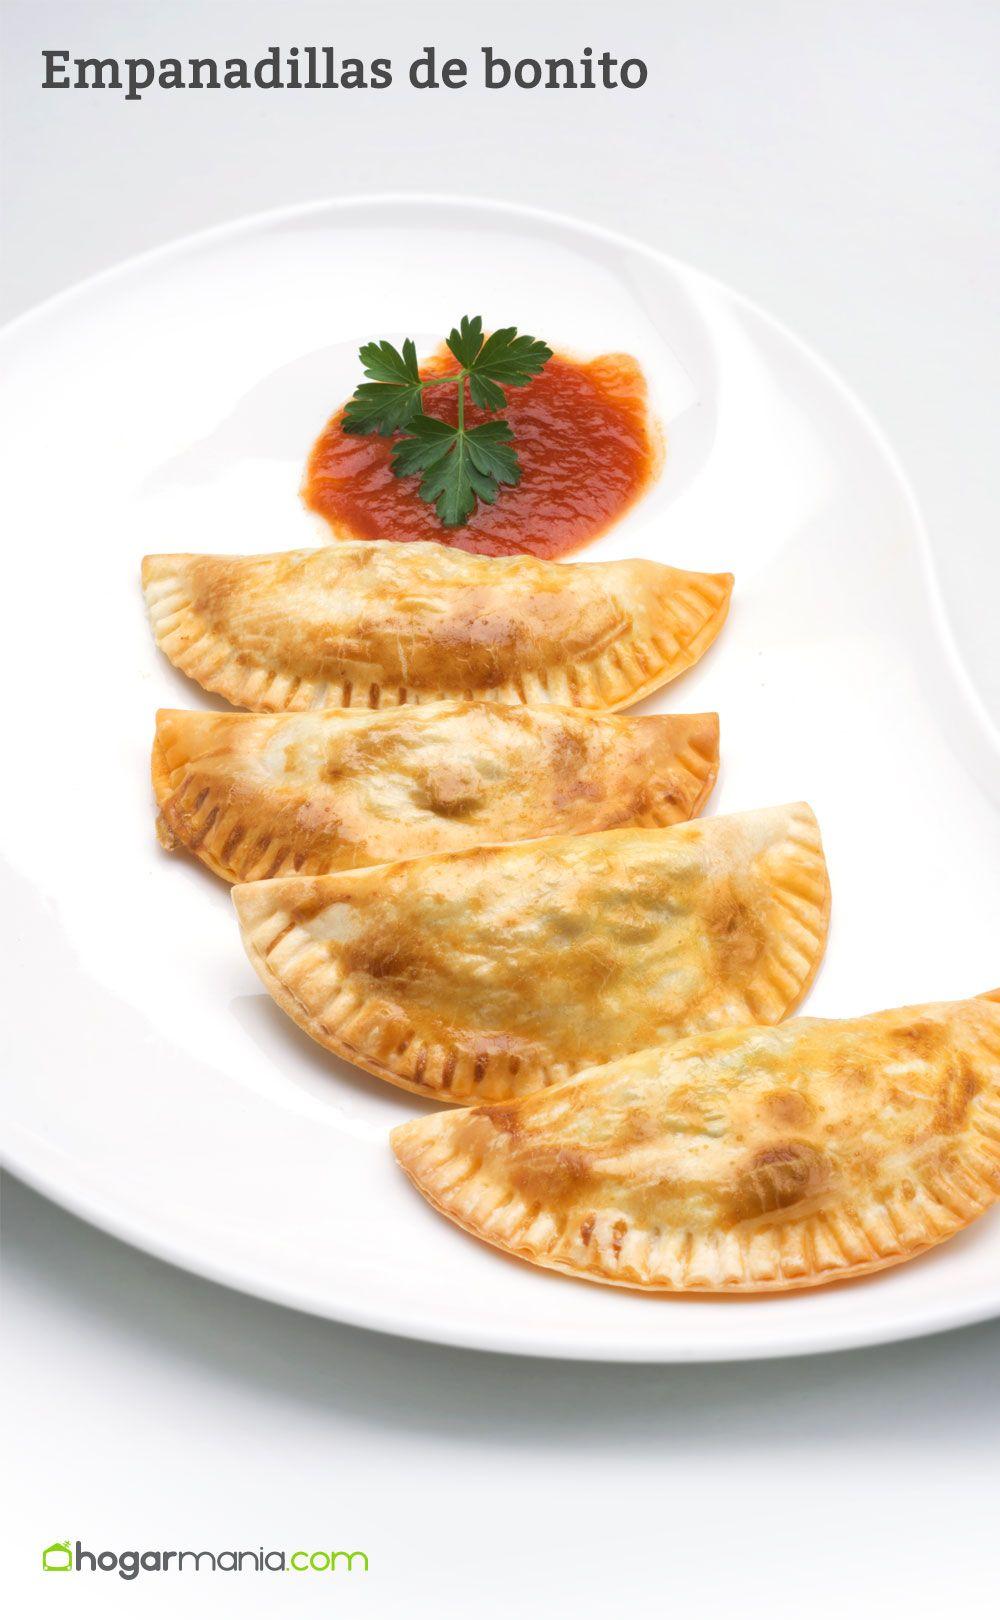 Empanadillas de bonito